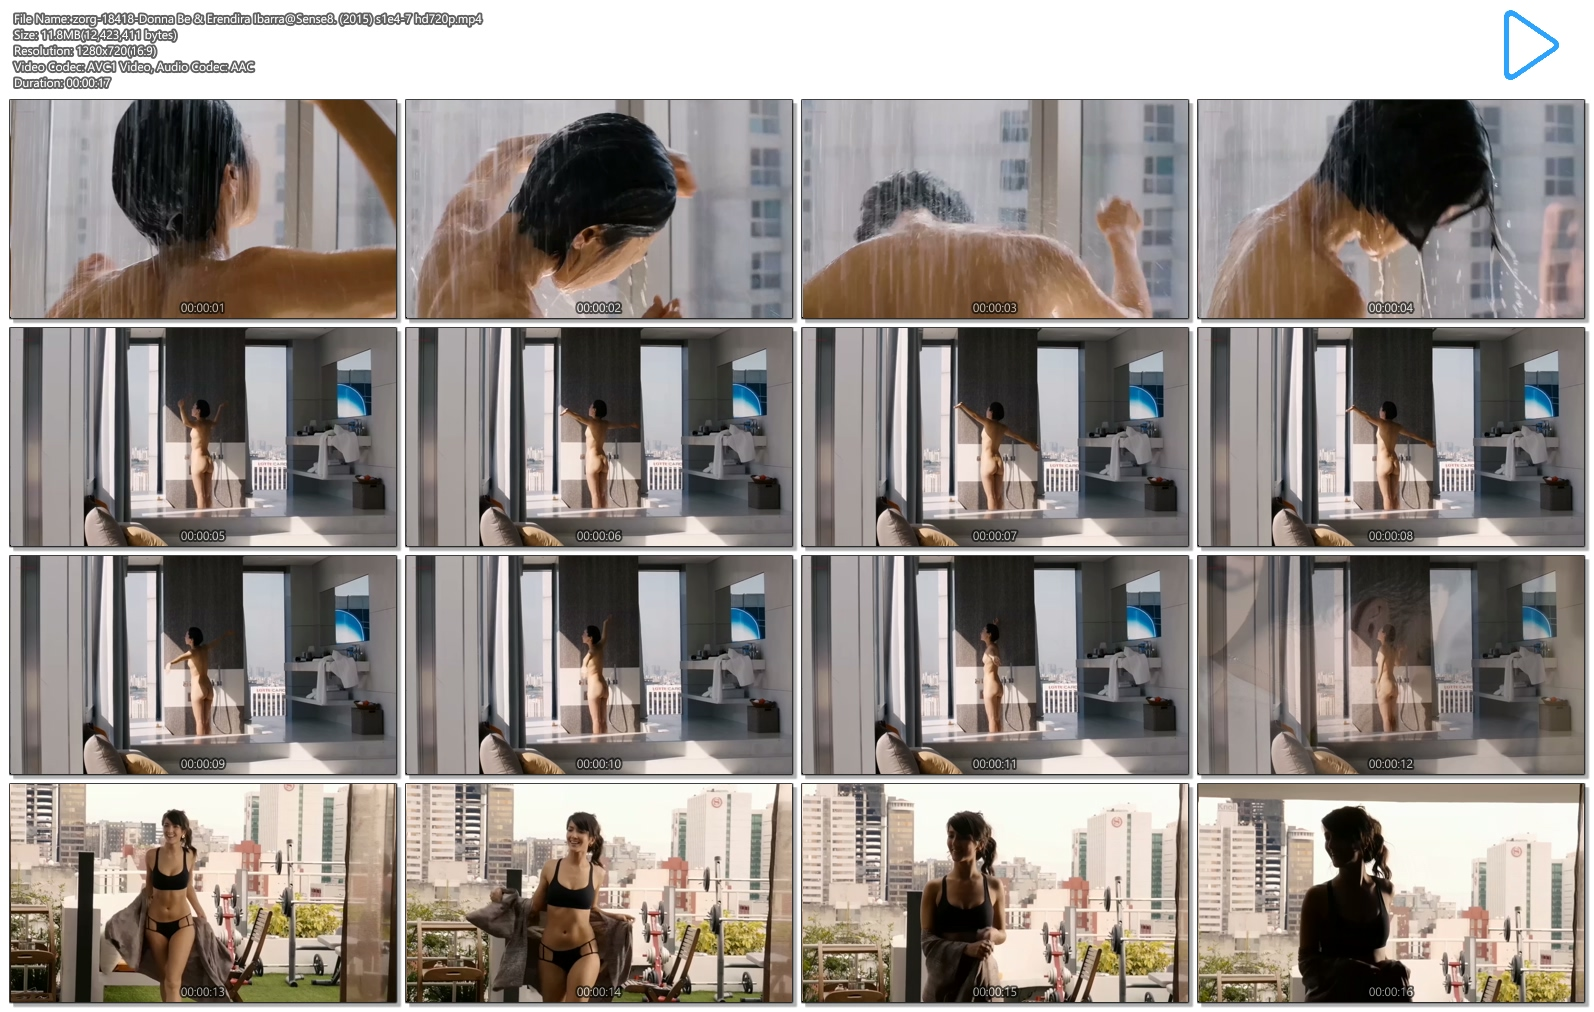 Communication on this topic: Anastasia fesikova sexy, doona-bae-naked-7-photos/